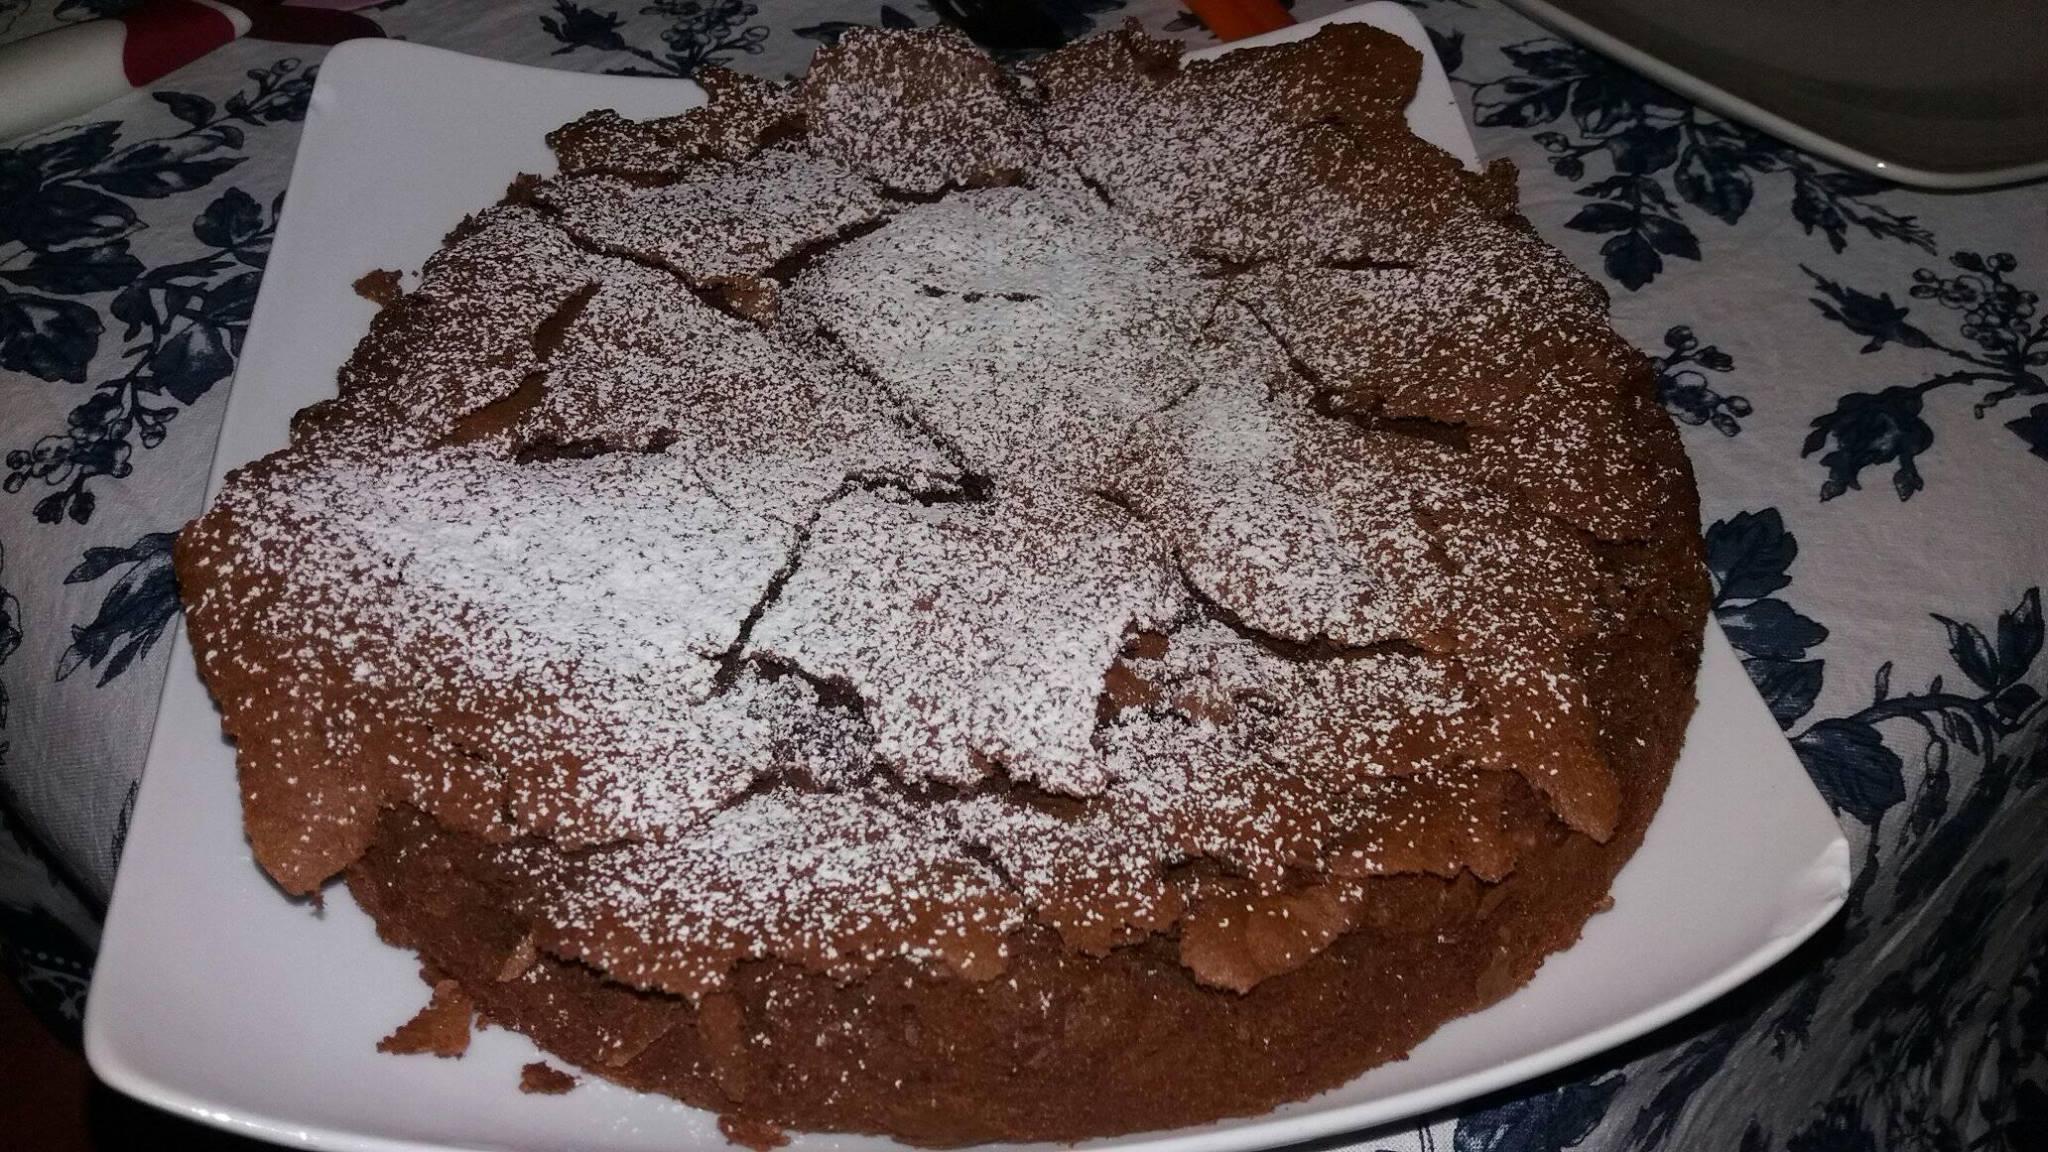 torta senza lievito al cioccolato fondente